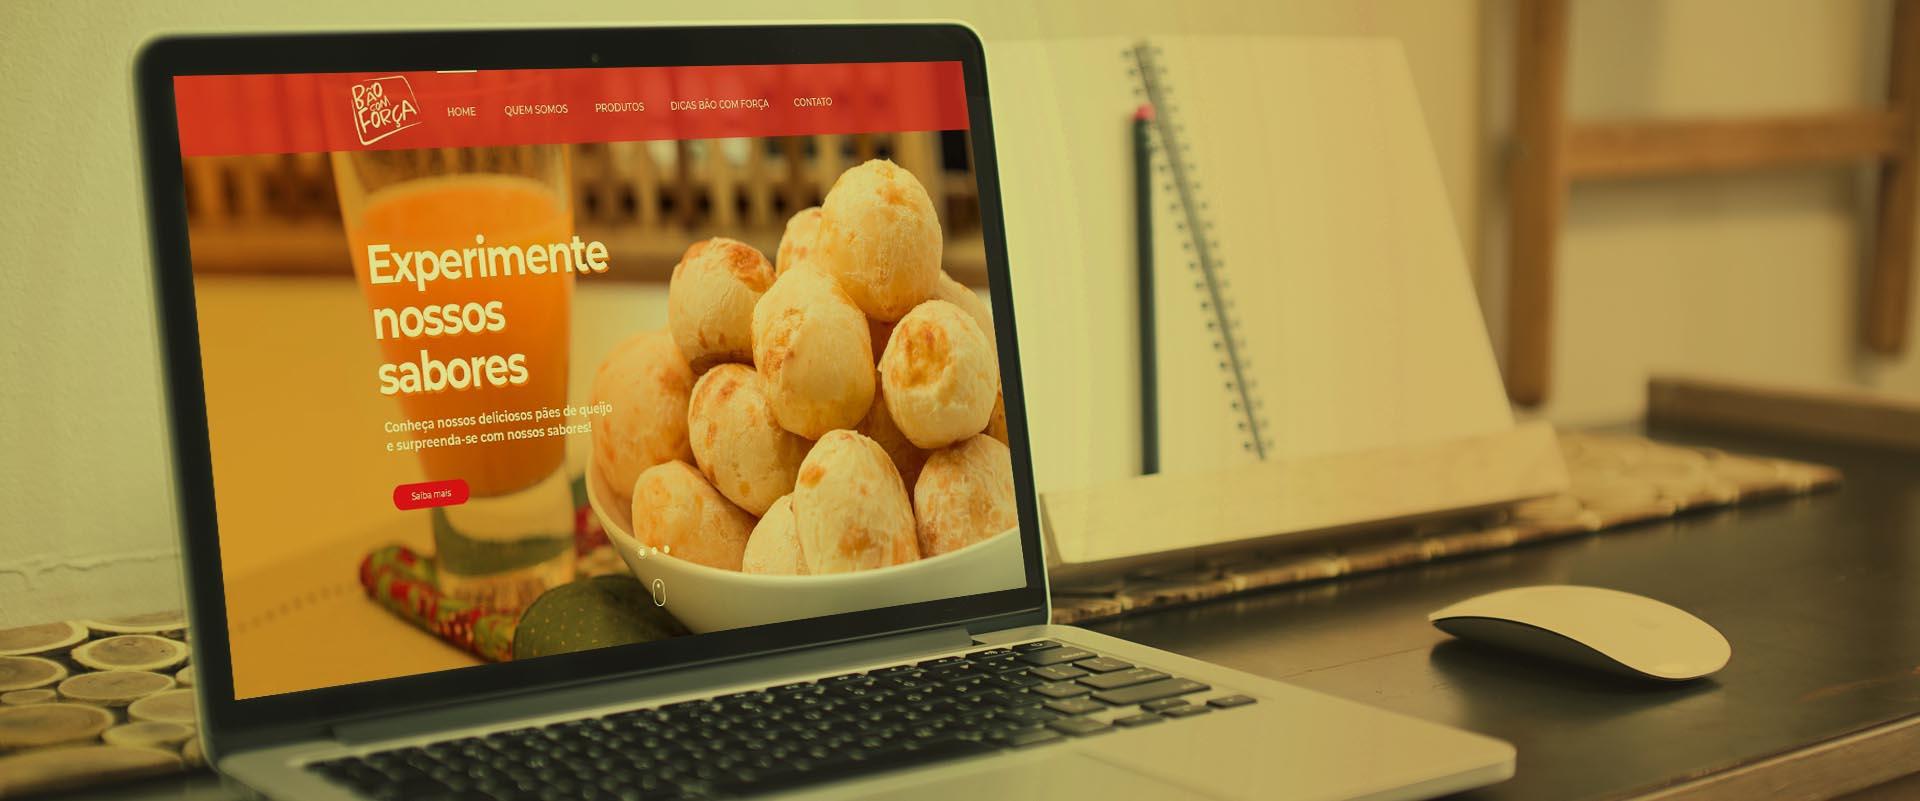 Criação de sites para empresas de alimentos